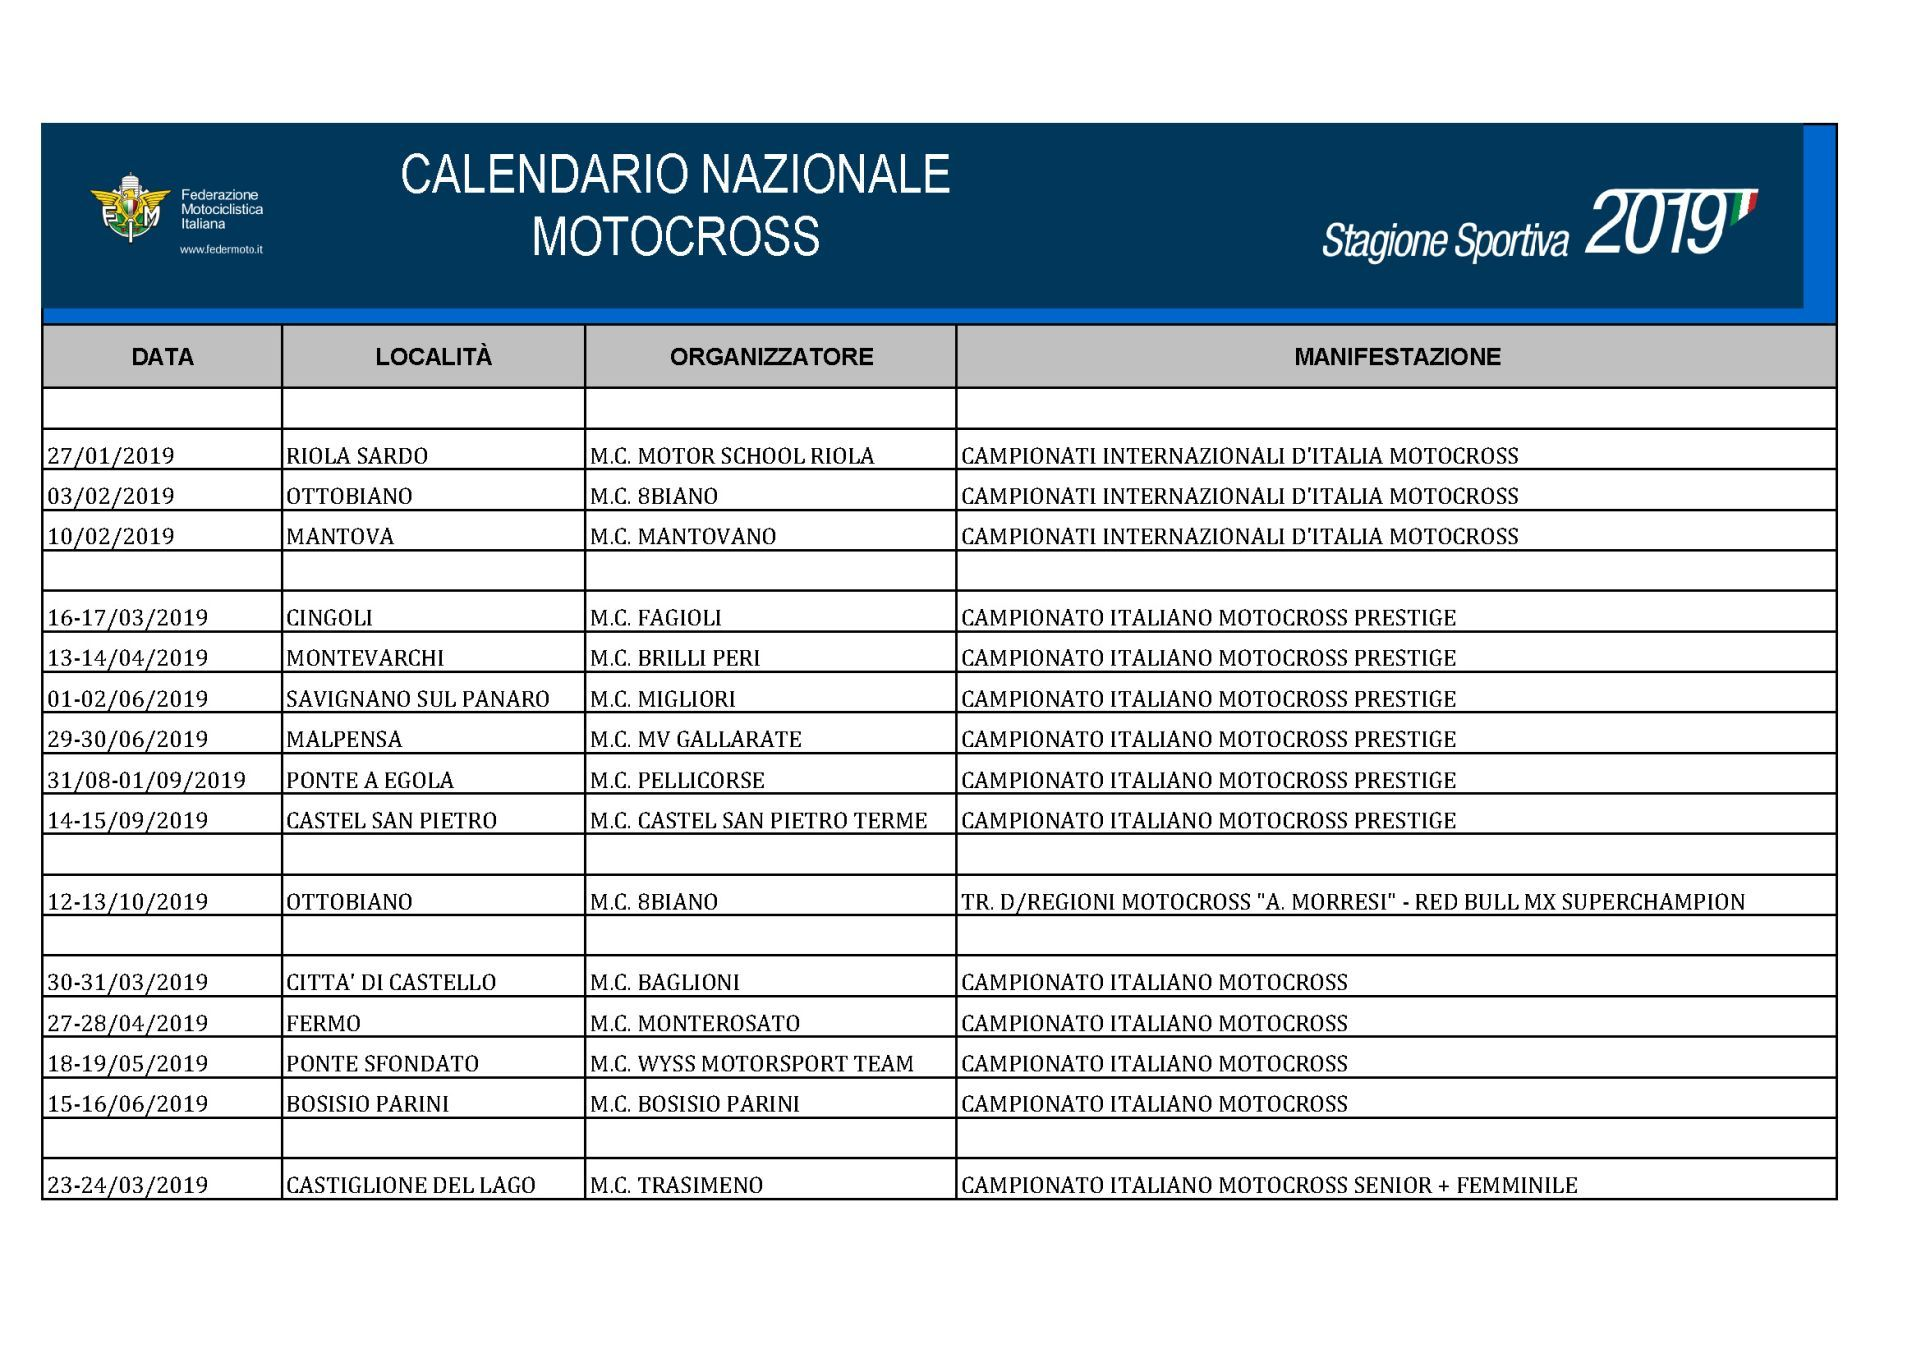 Calendario-Motocross-2019_Page_1